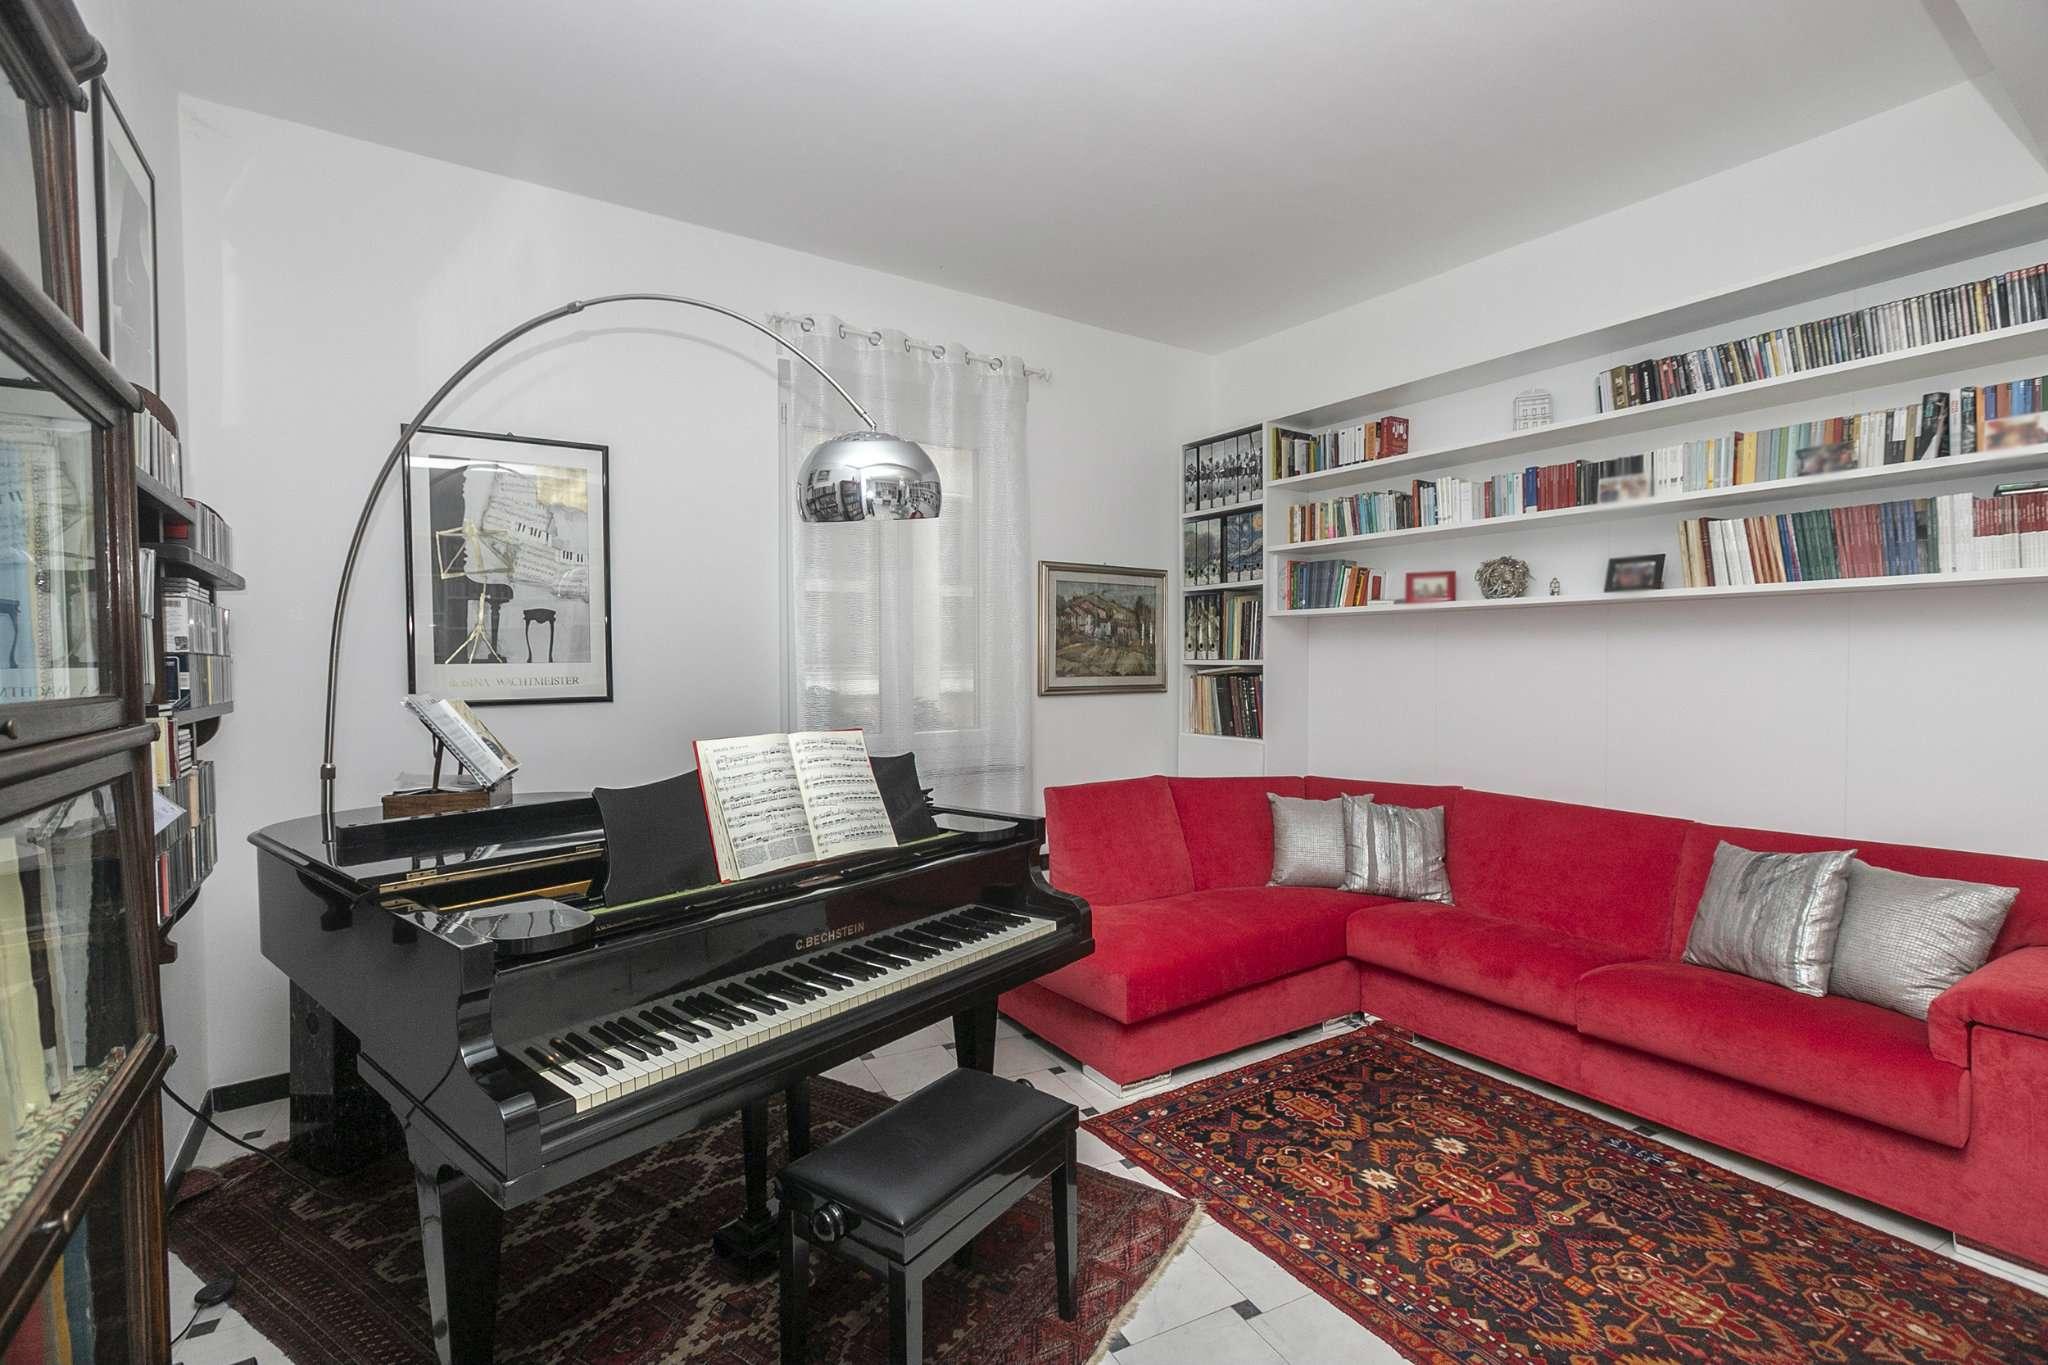 Foto 1 di Appartamento Via David Chiossone, Genova (zona Centro città)